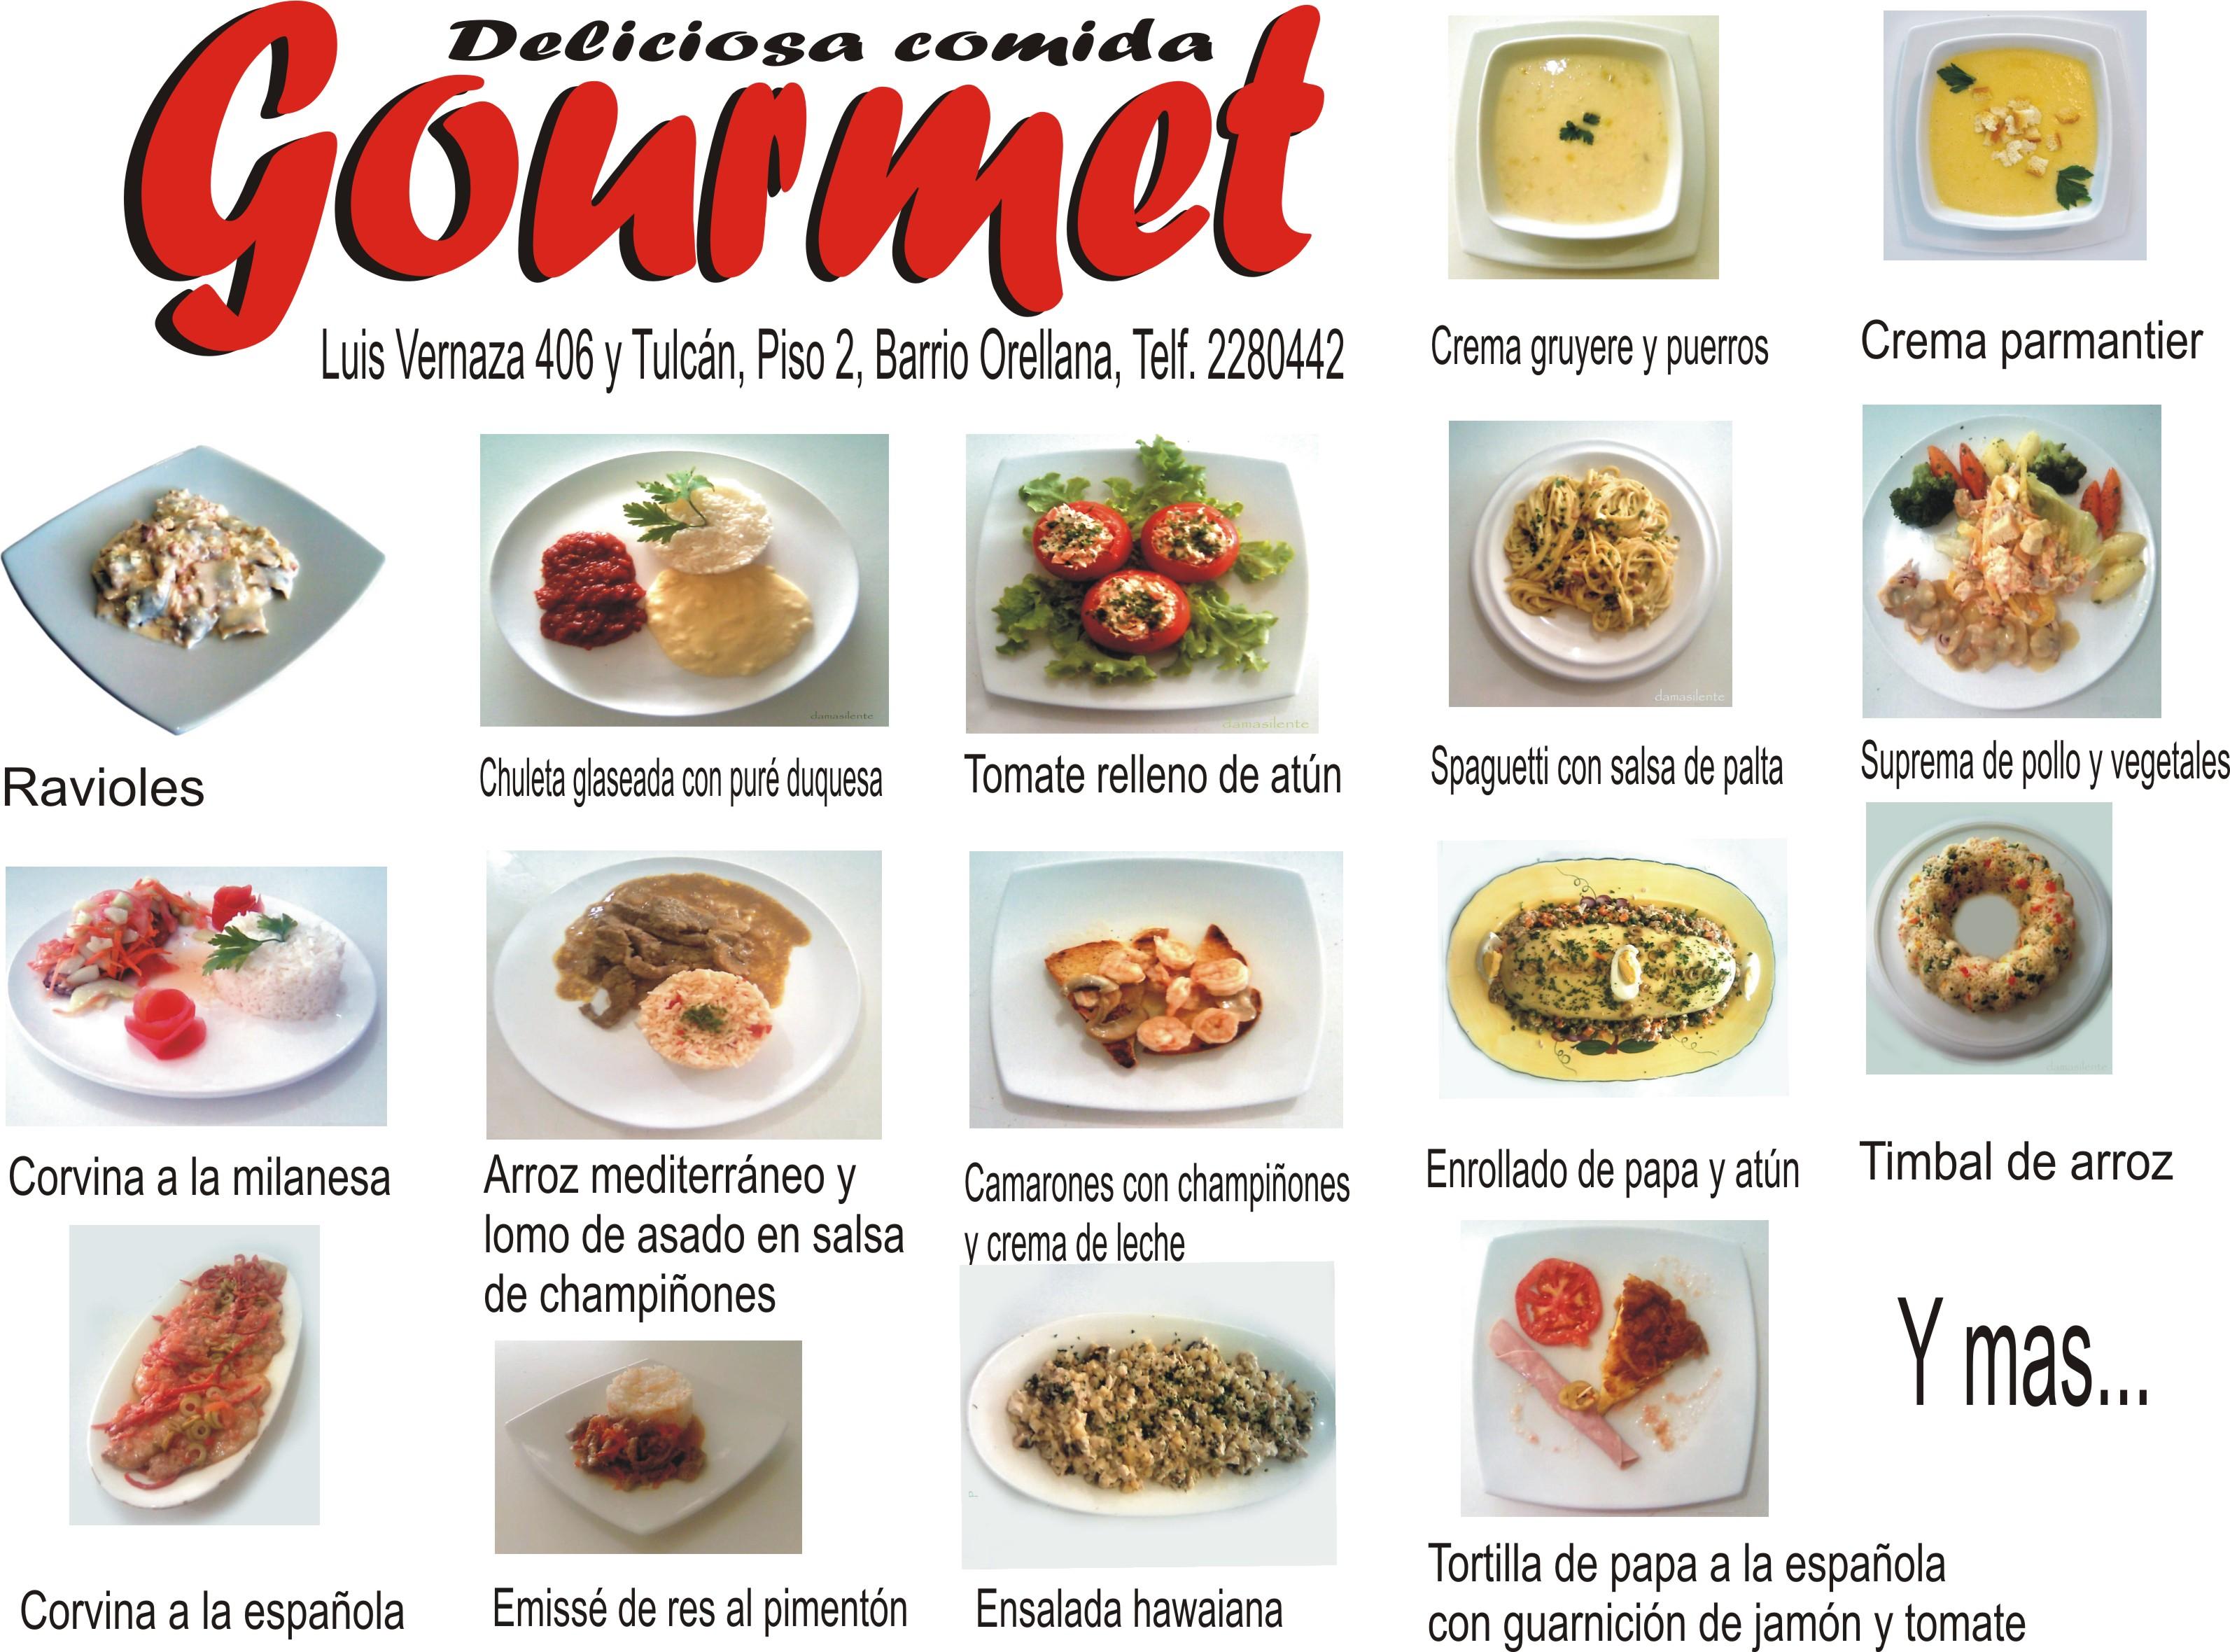 Exquisita comida gourmet pandepascua for Platos gourmet